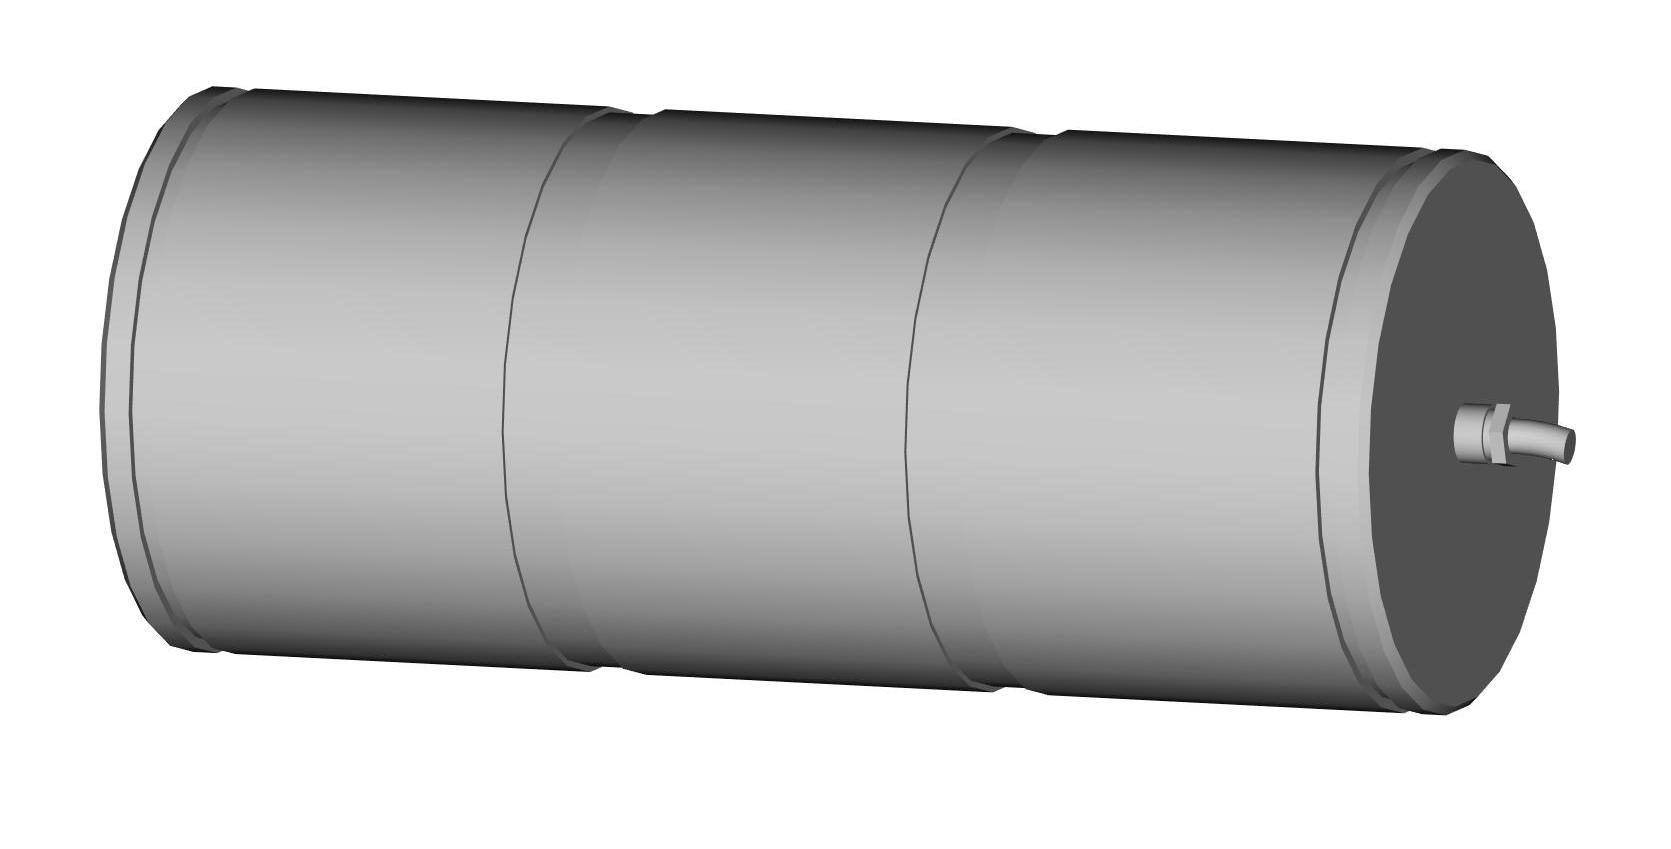 Zakázkový čepový snímač PINZ-1210